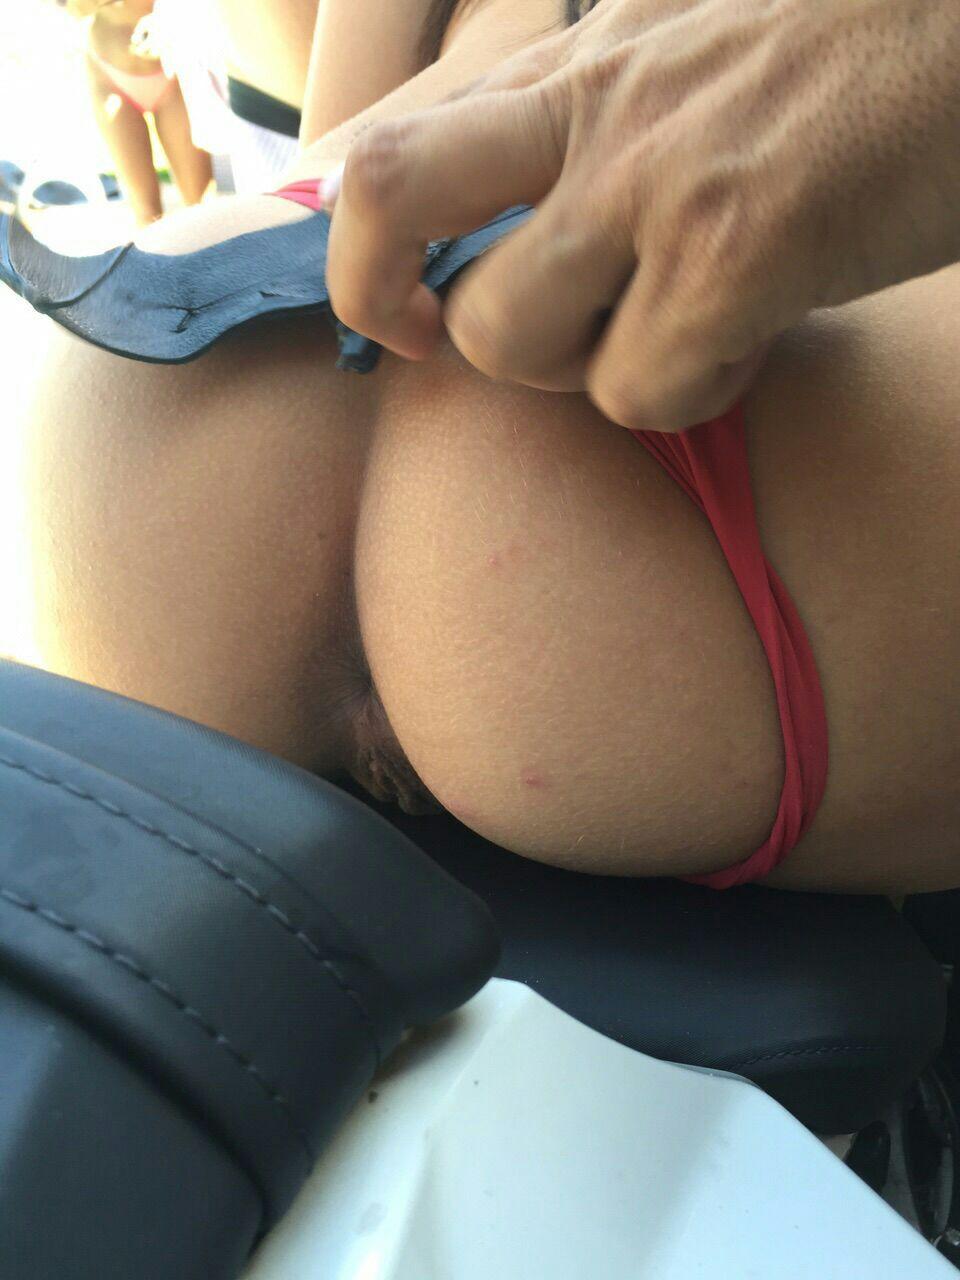 Novinha interesseira de calcinha empinando a buceta em cima da moto